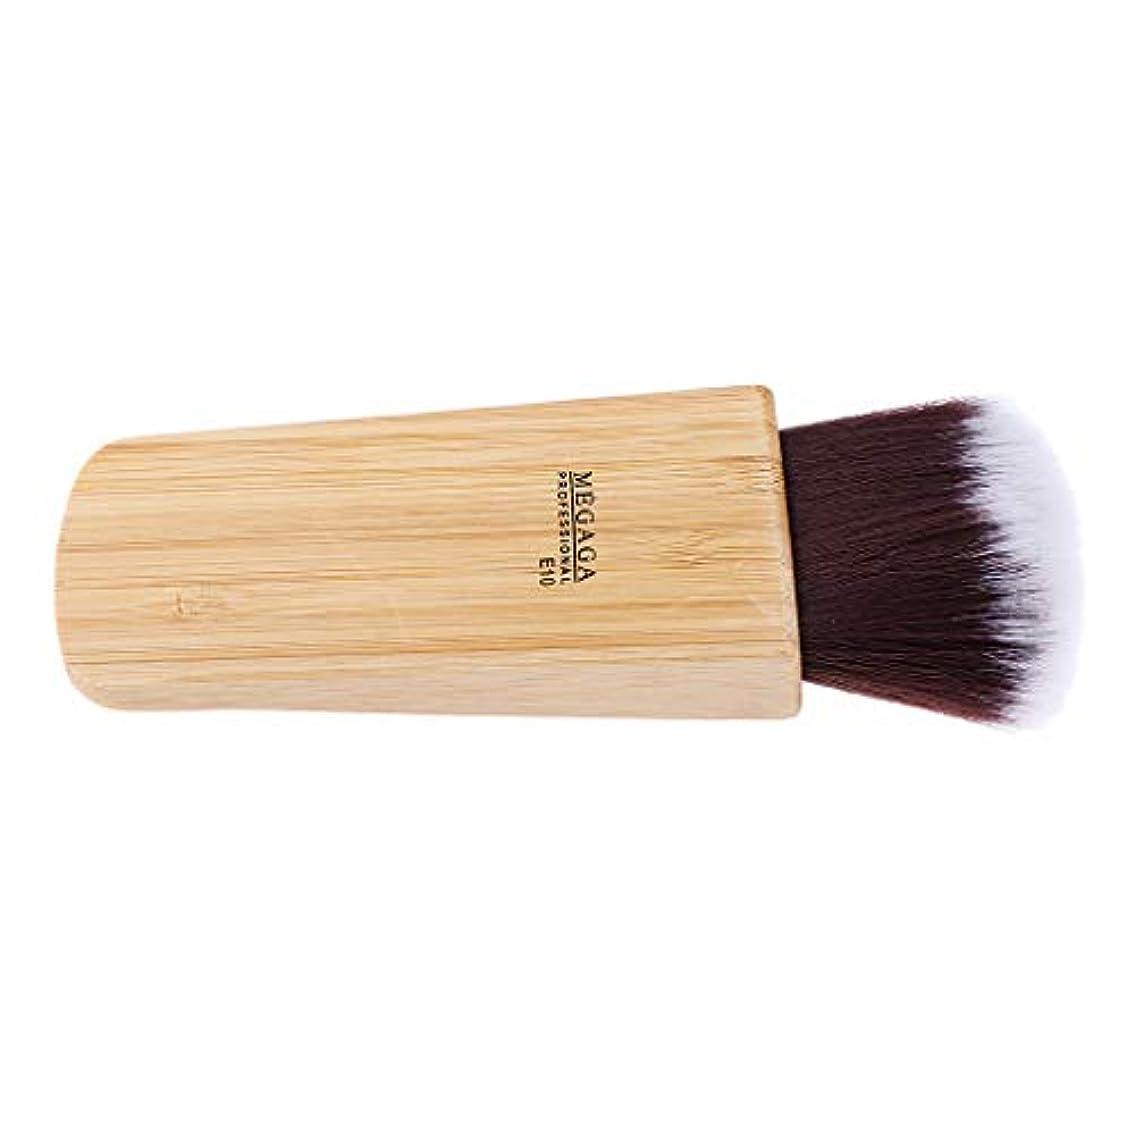 ジャム傾いた熱狂的なCUTICATE ネックダスターブラシ ヘアカット ブラシ ネックダスター 洗浄 ヘアブラシ 理髪美容ツール